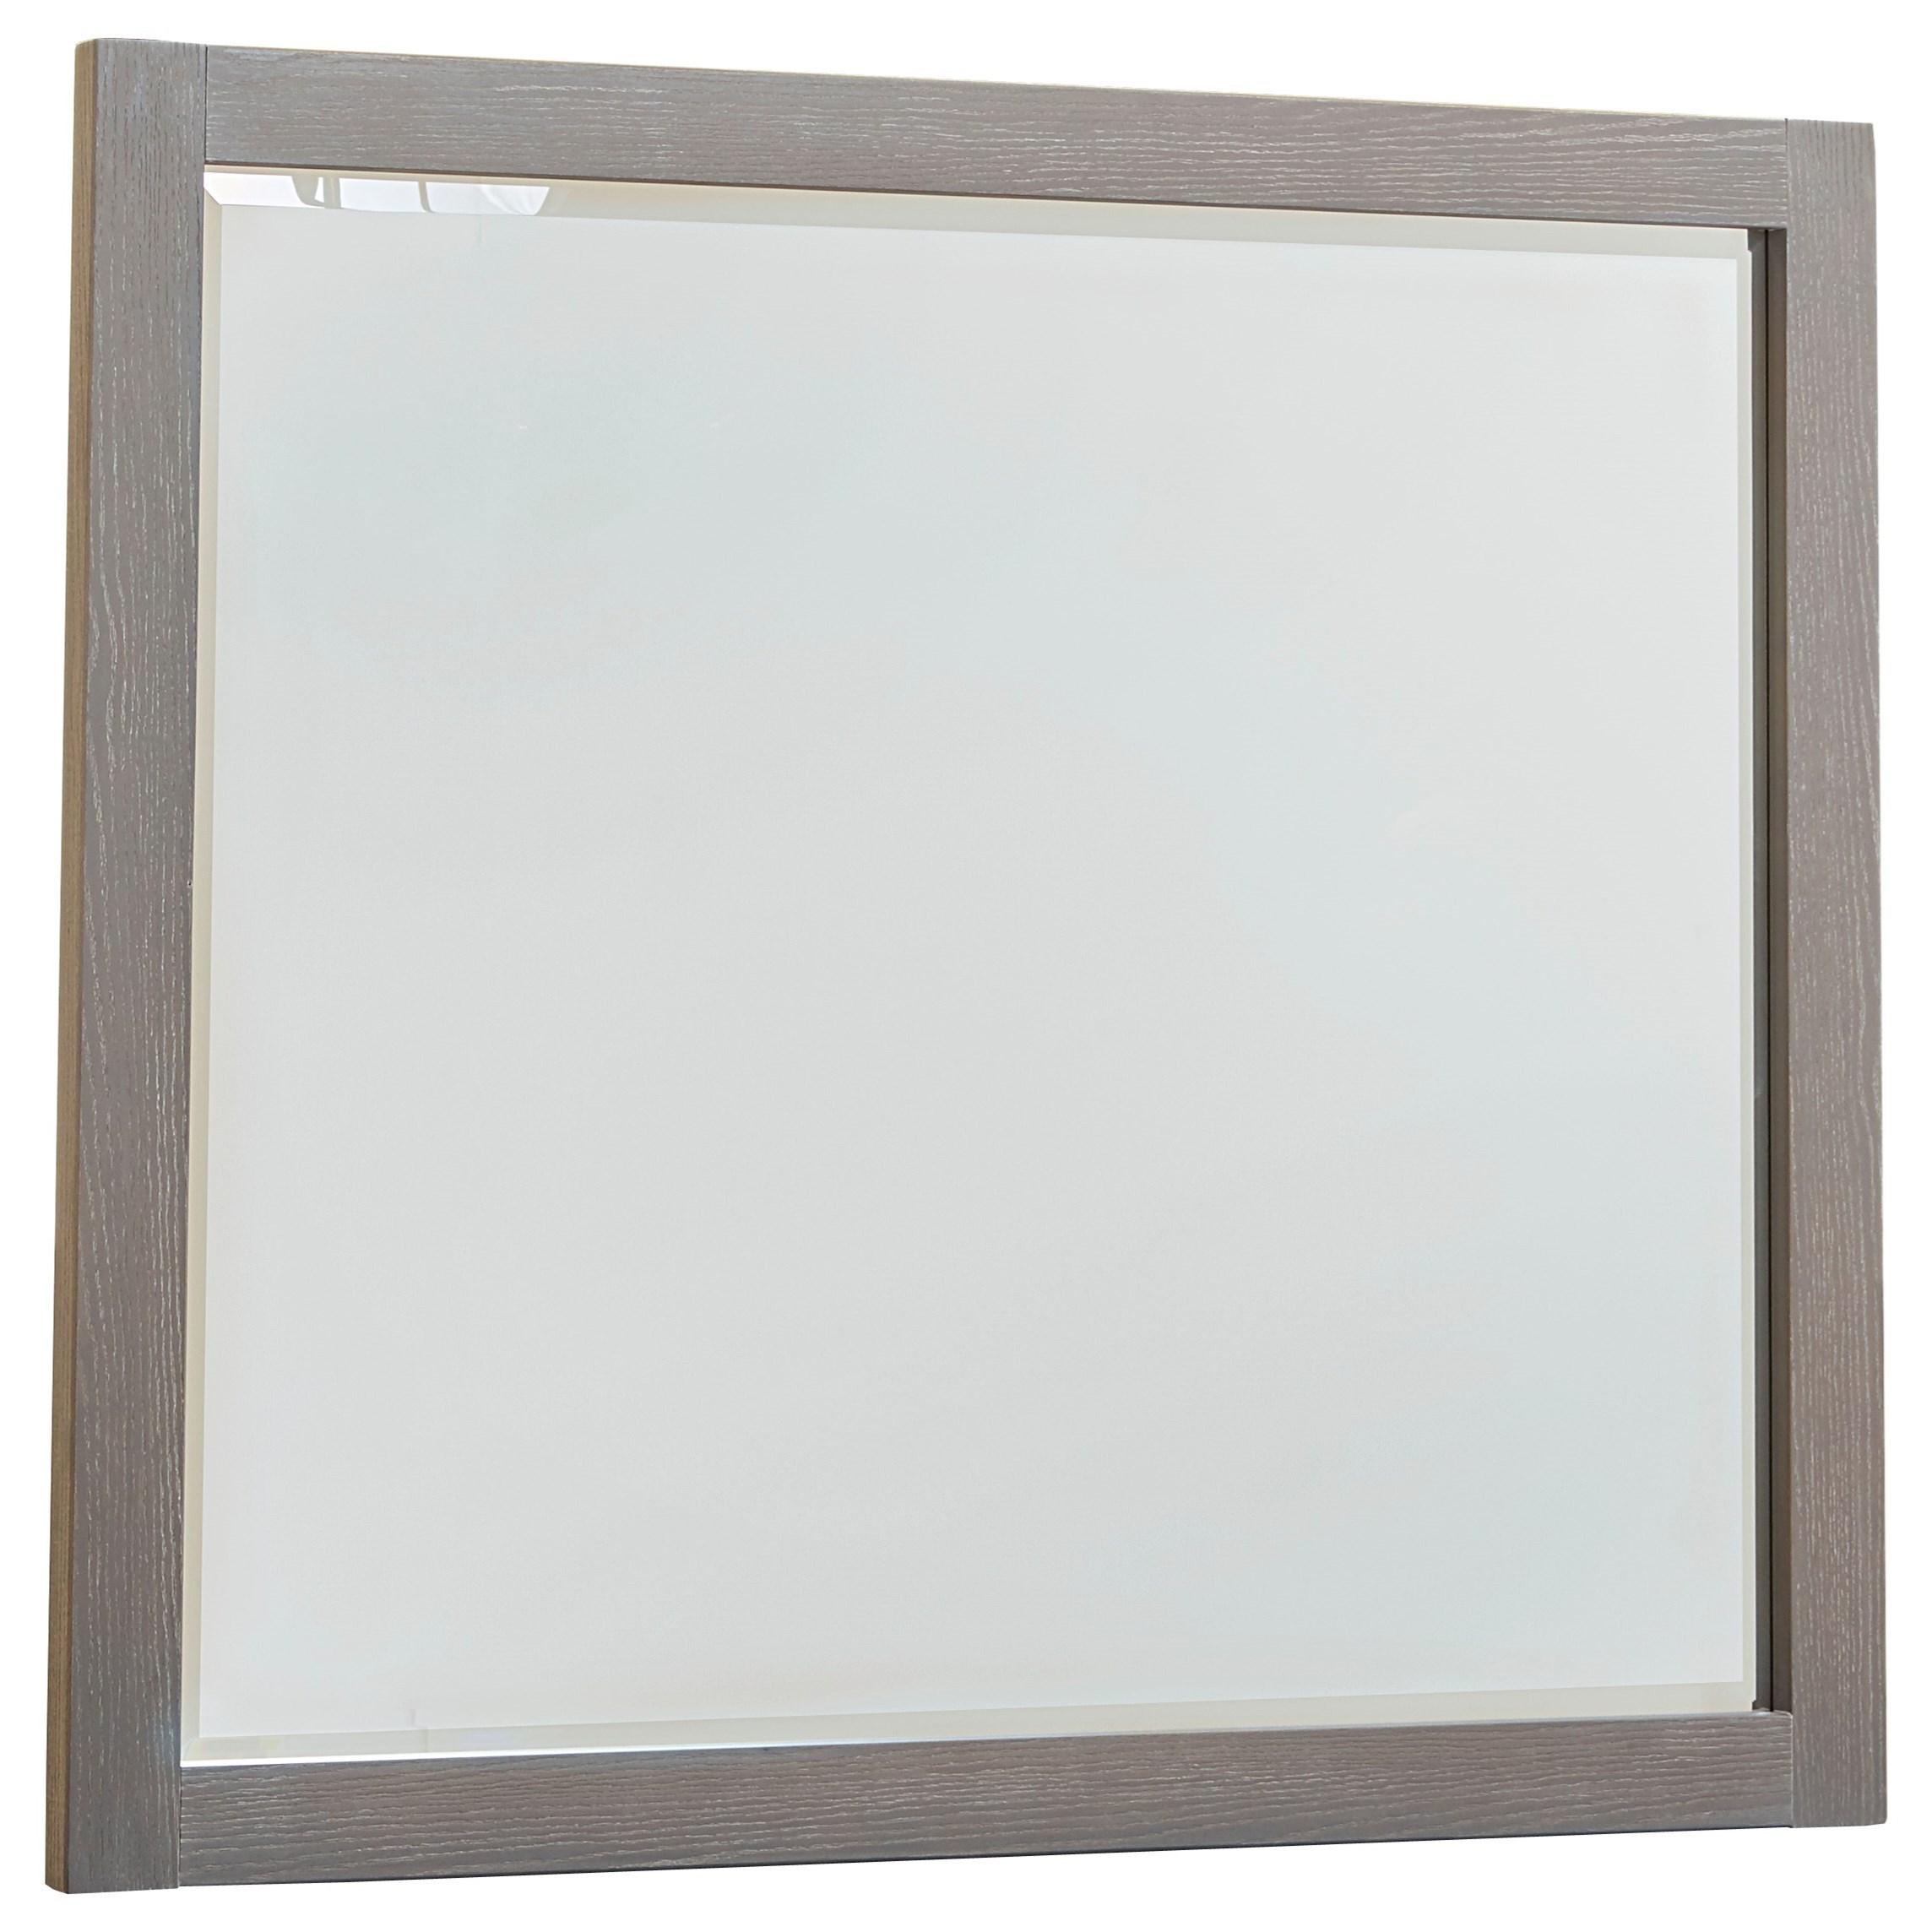 Vaughan bassett american modern landscape mirror beveled for Beveled glass mirror